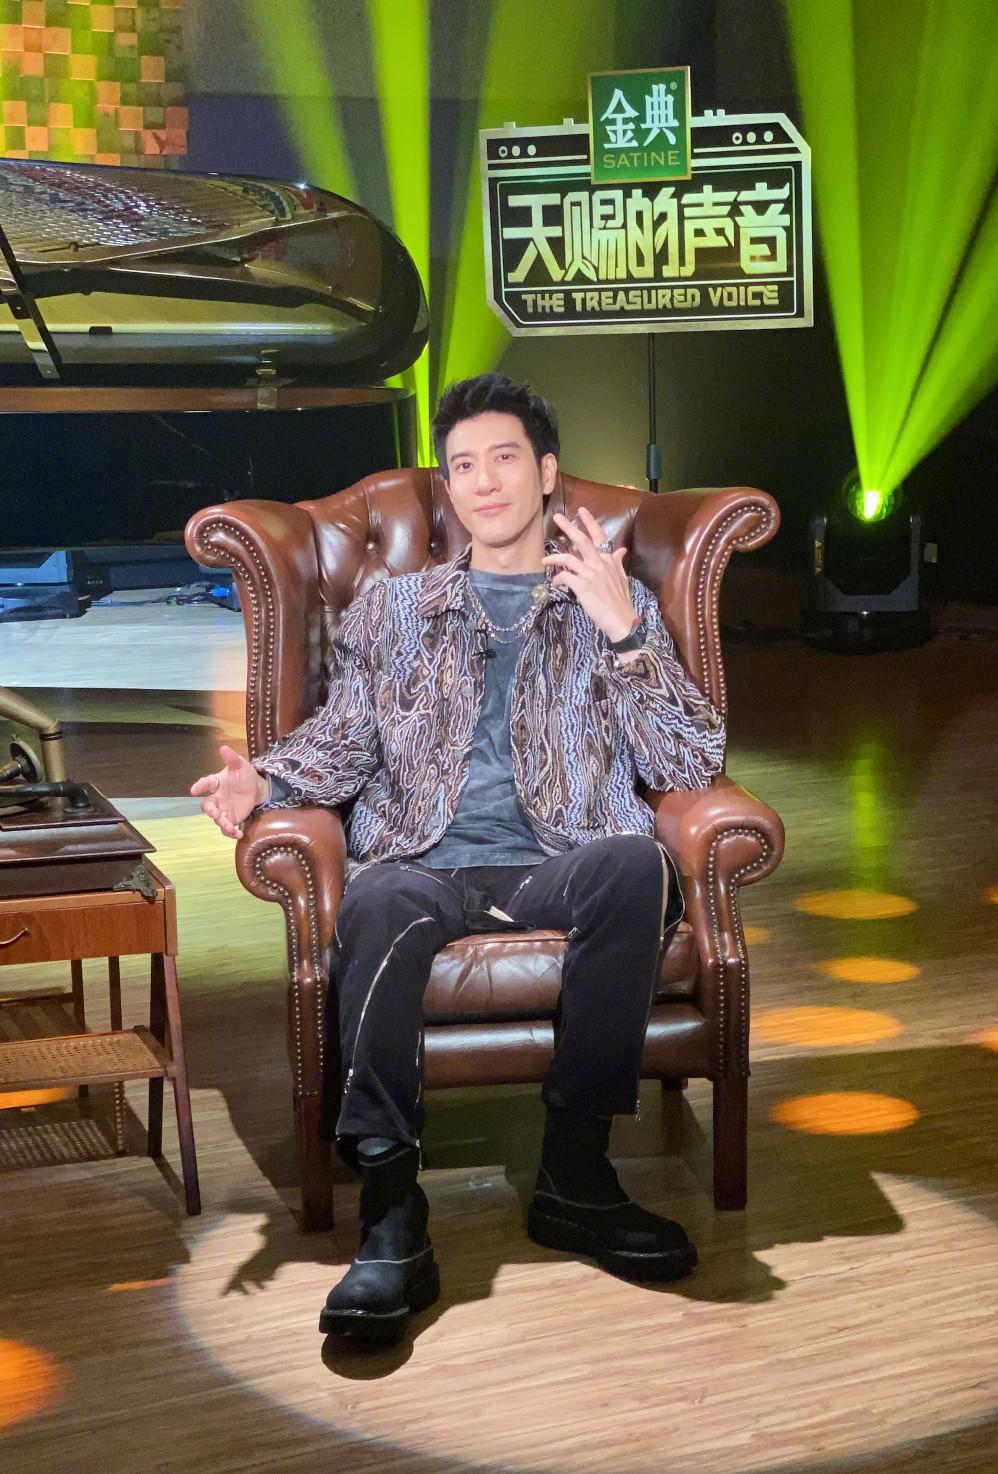 王力宏回归《天赐的声音》助力收视夺冠